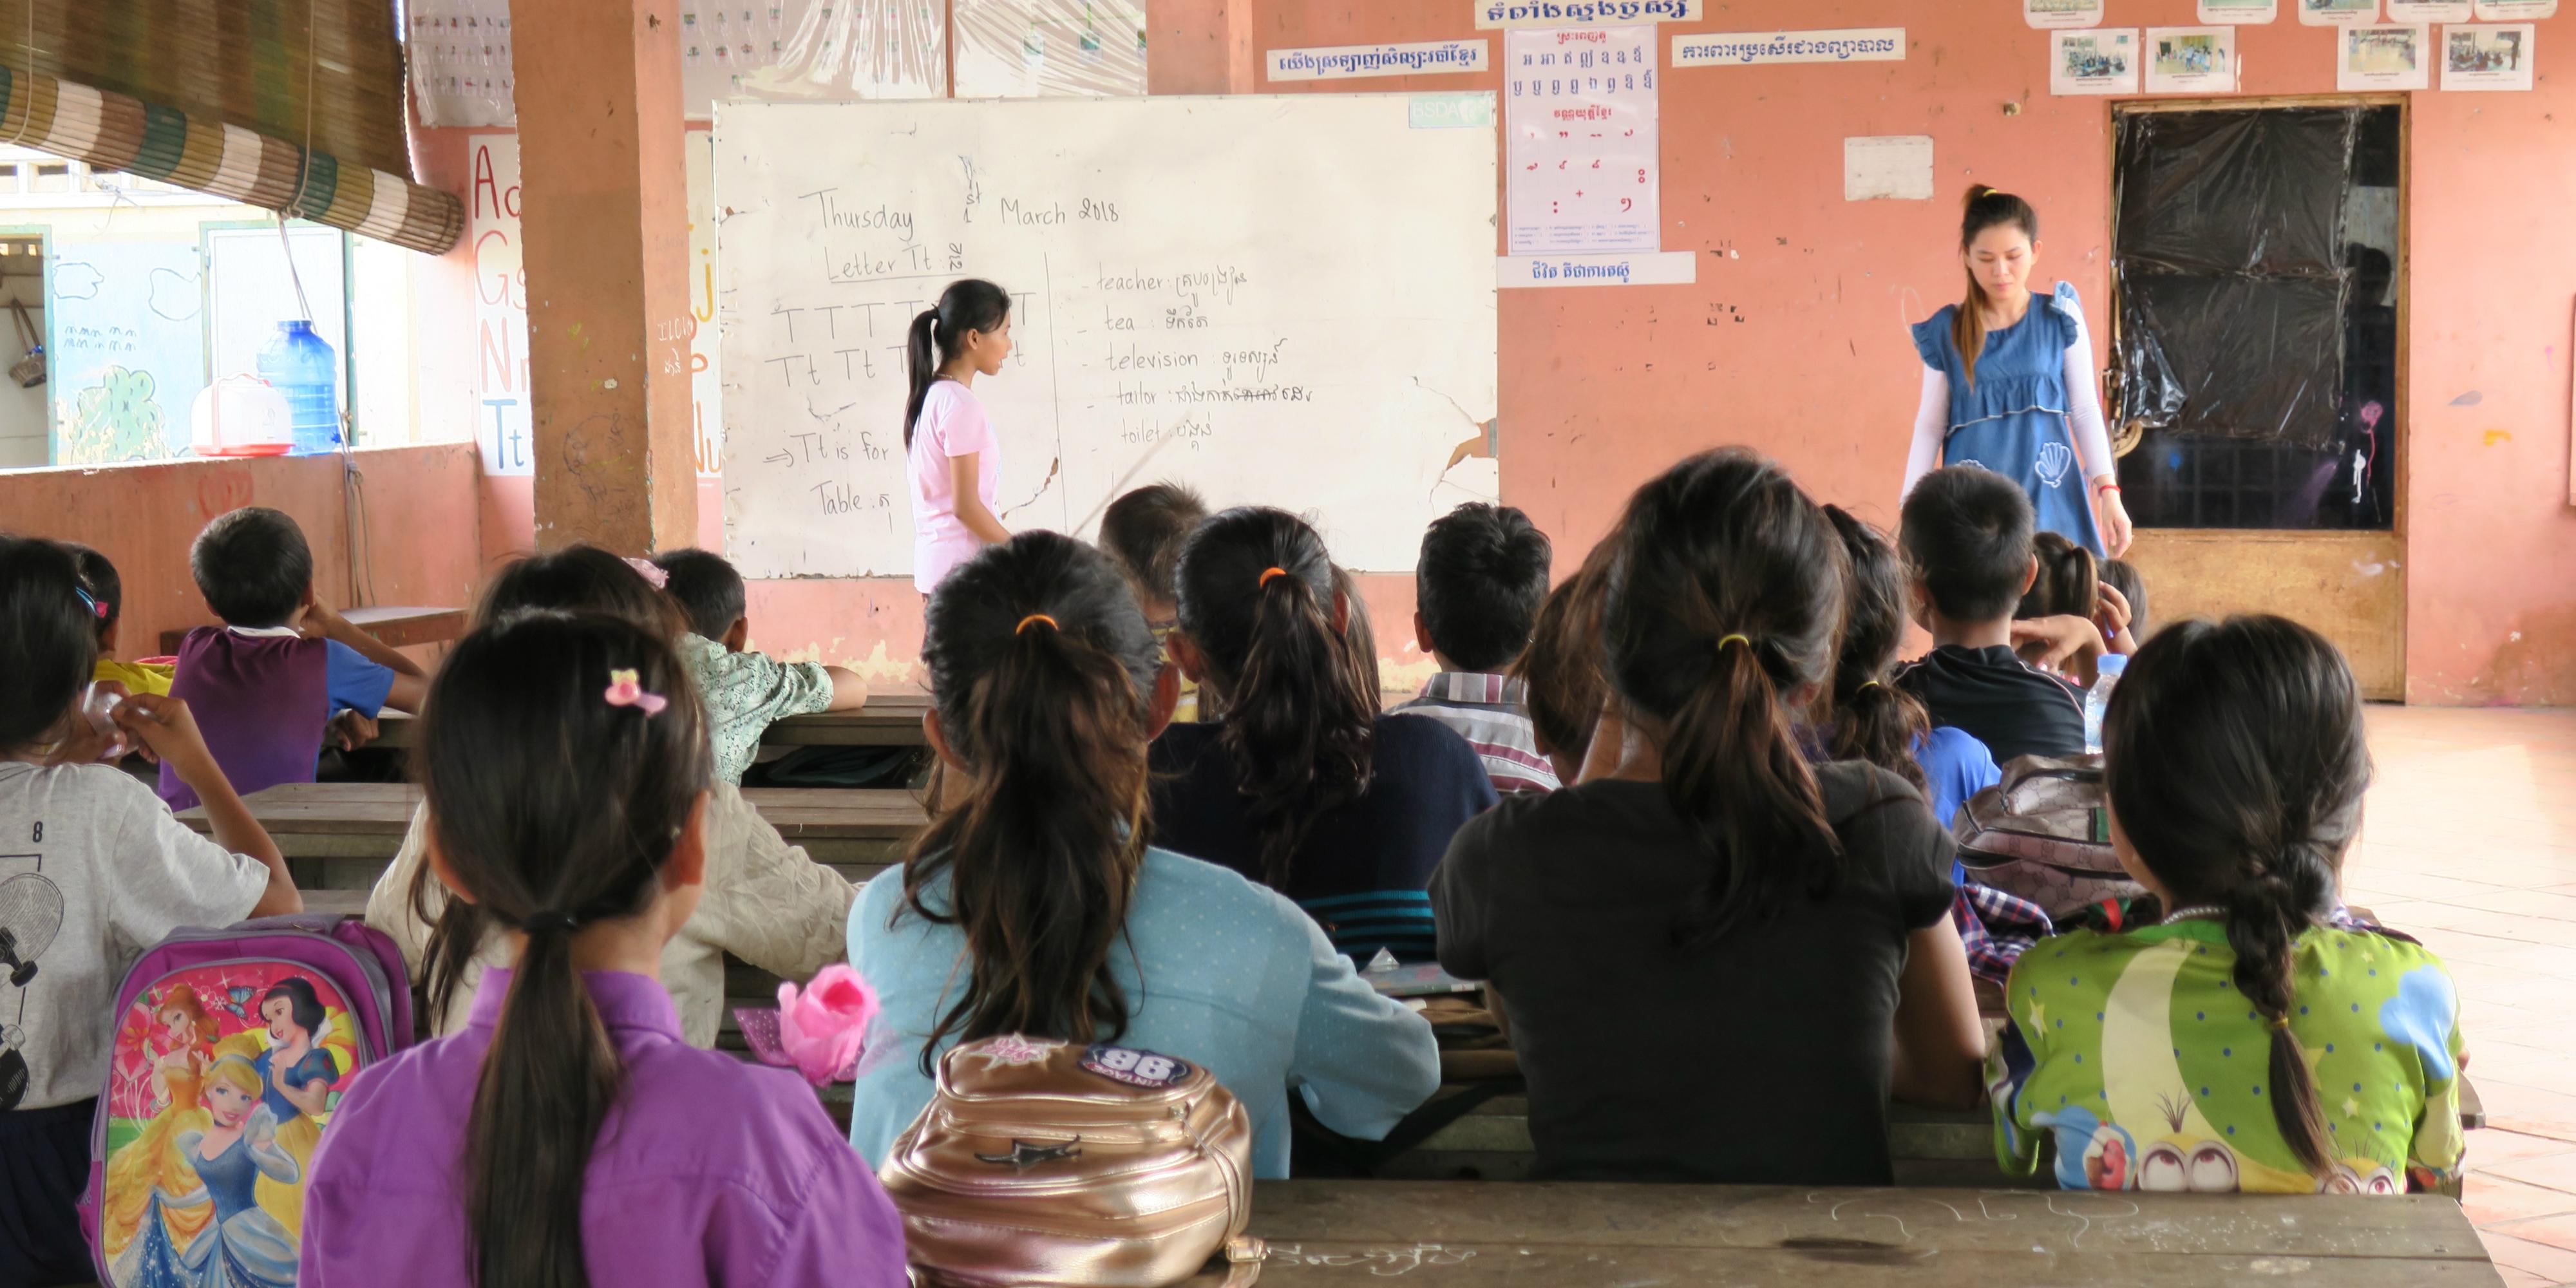 volunteer in cambodia